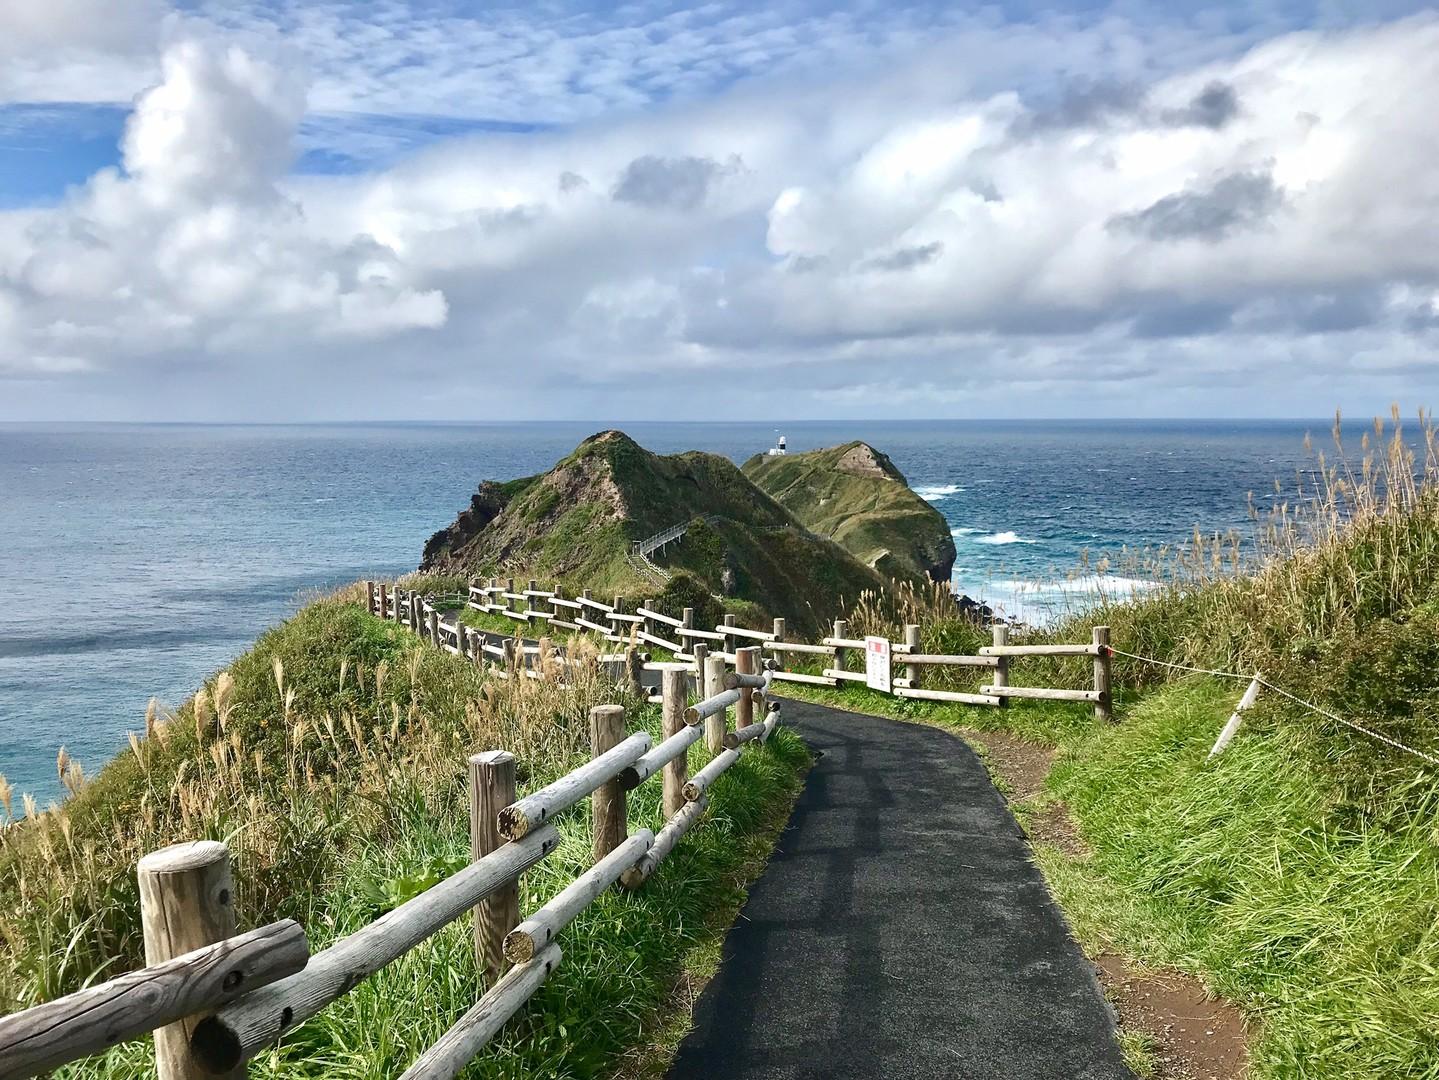 風がきつく 岬の先端まで行けなかったので 次回またチャレンジしたいと思います。次は うに丼が食べれる時期に行きたいと思います。